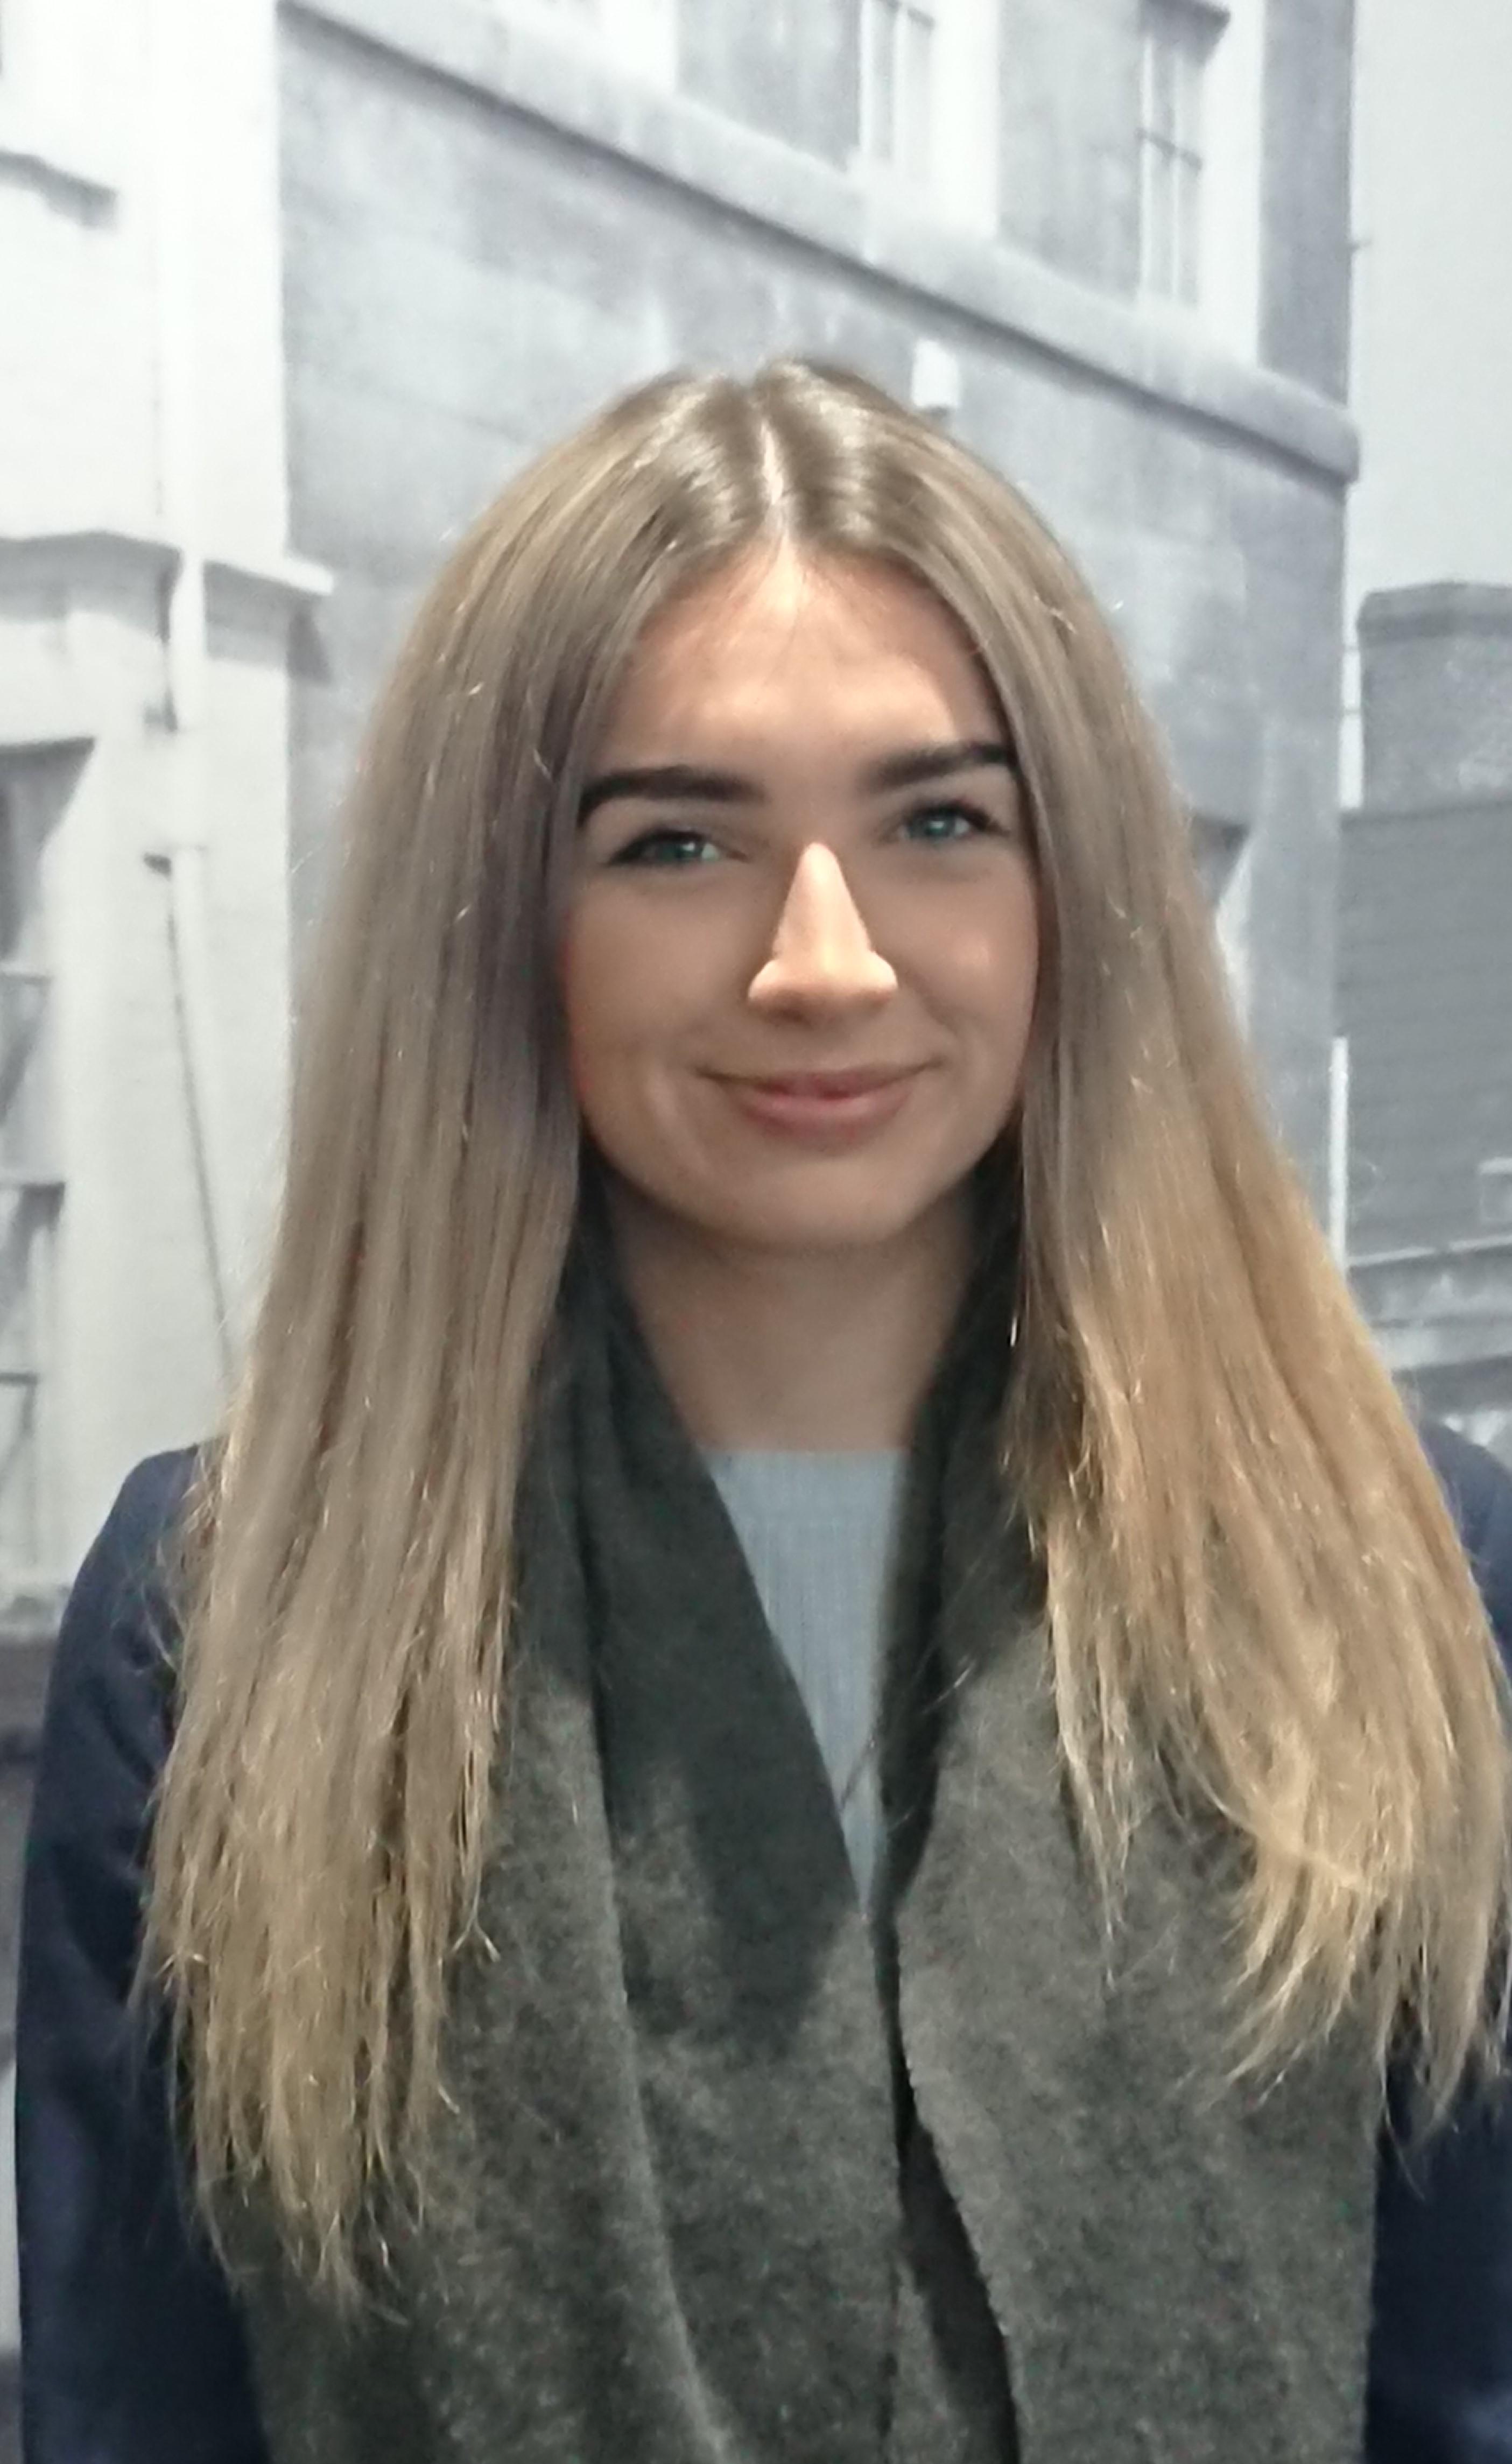 Katherine Bly